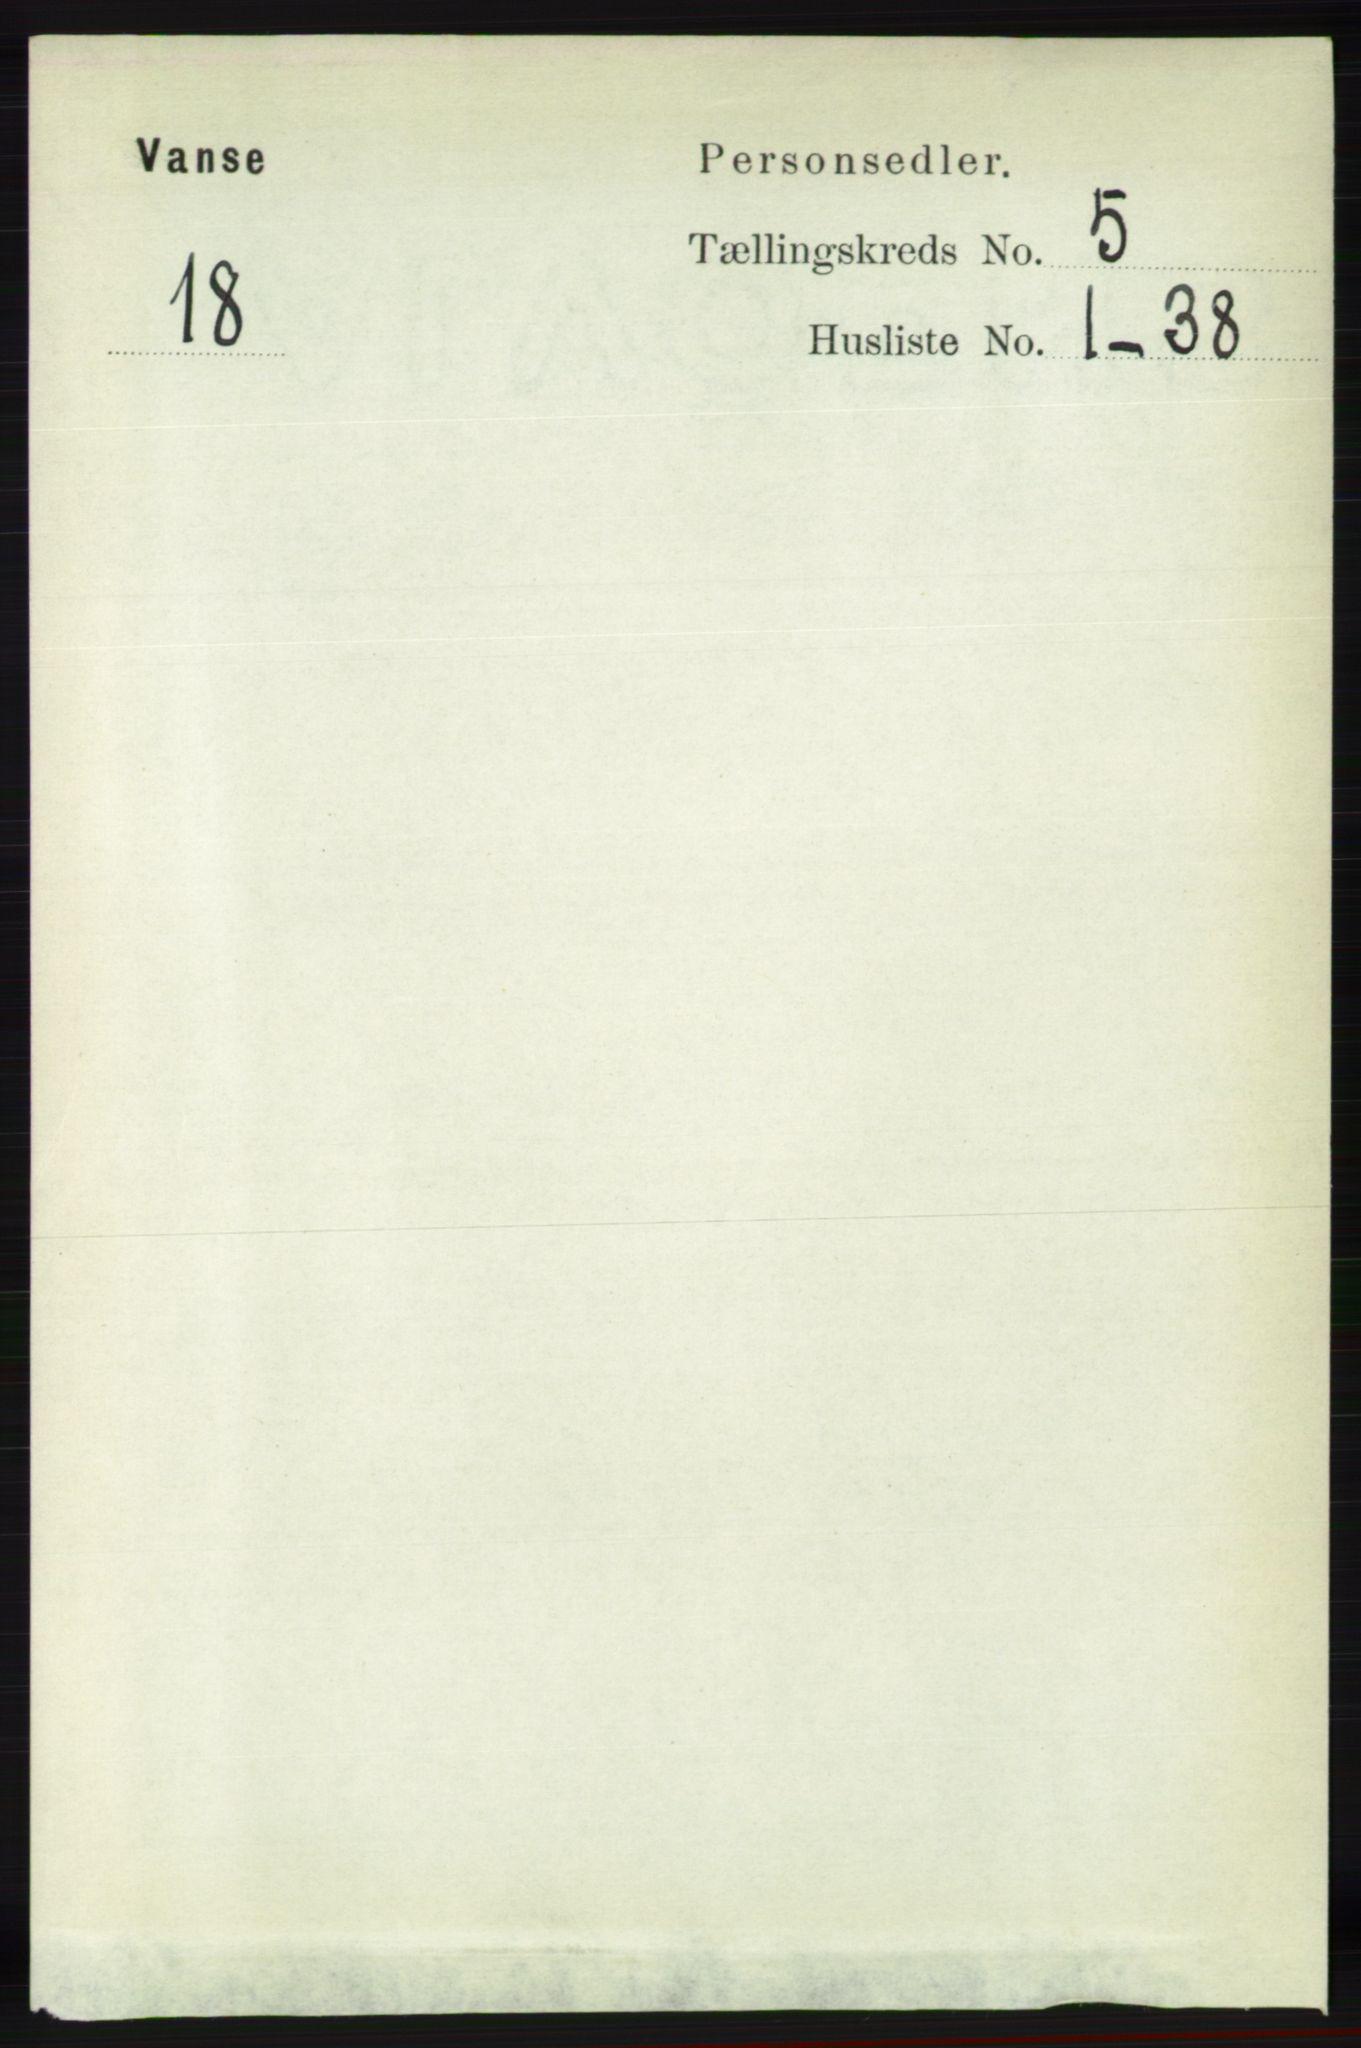 RA, Folketelling 1891 for 1041 Vanse herred, 1891, s. 2794